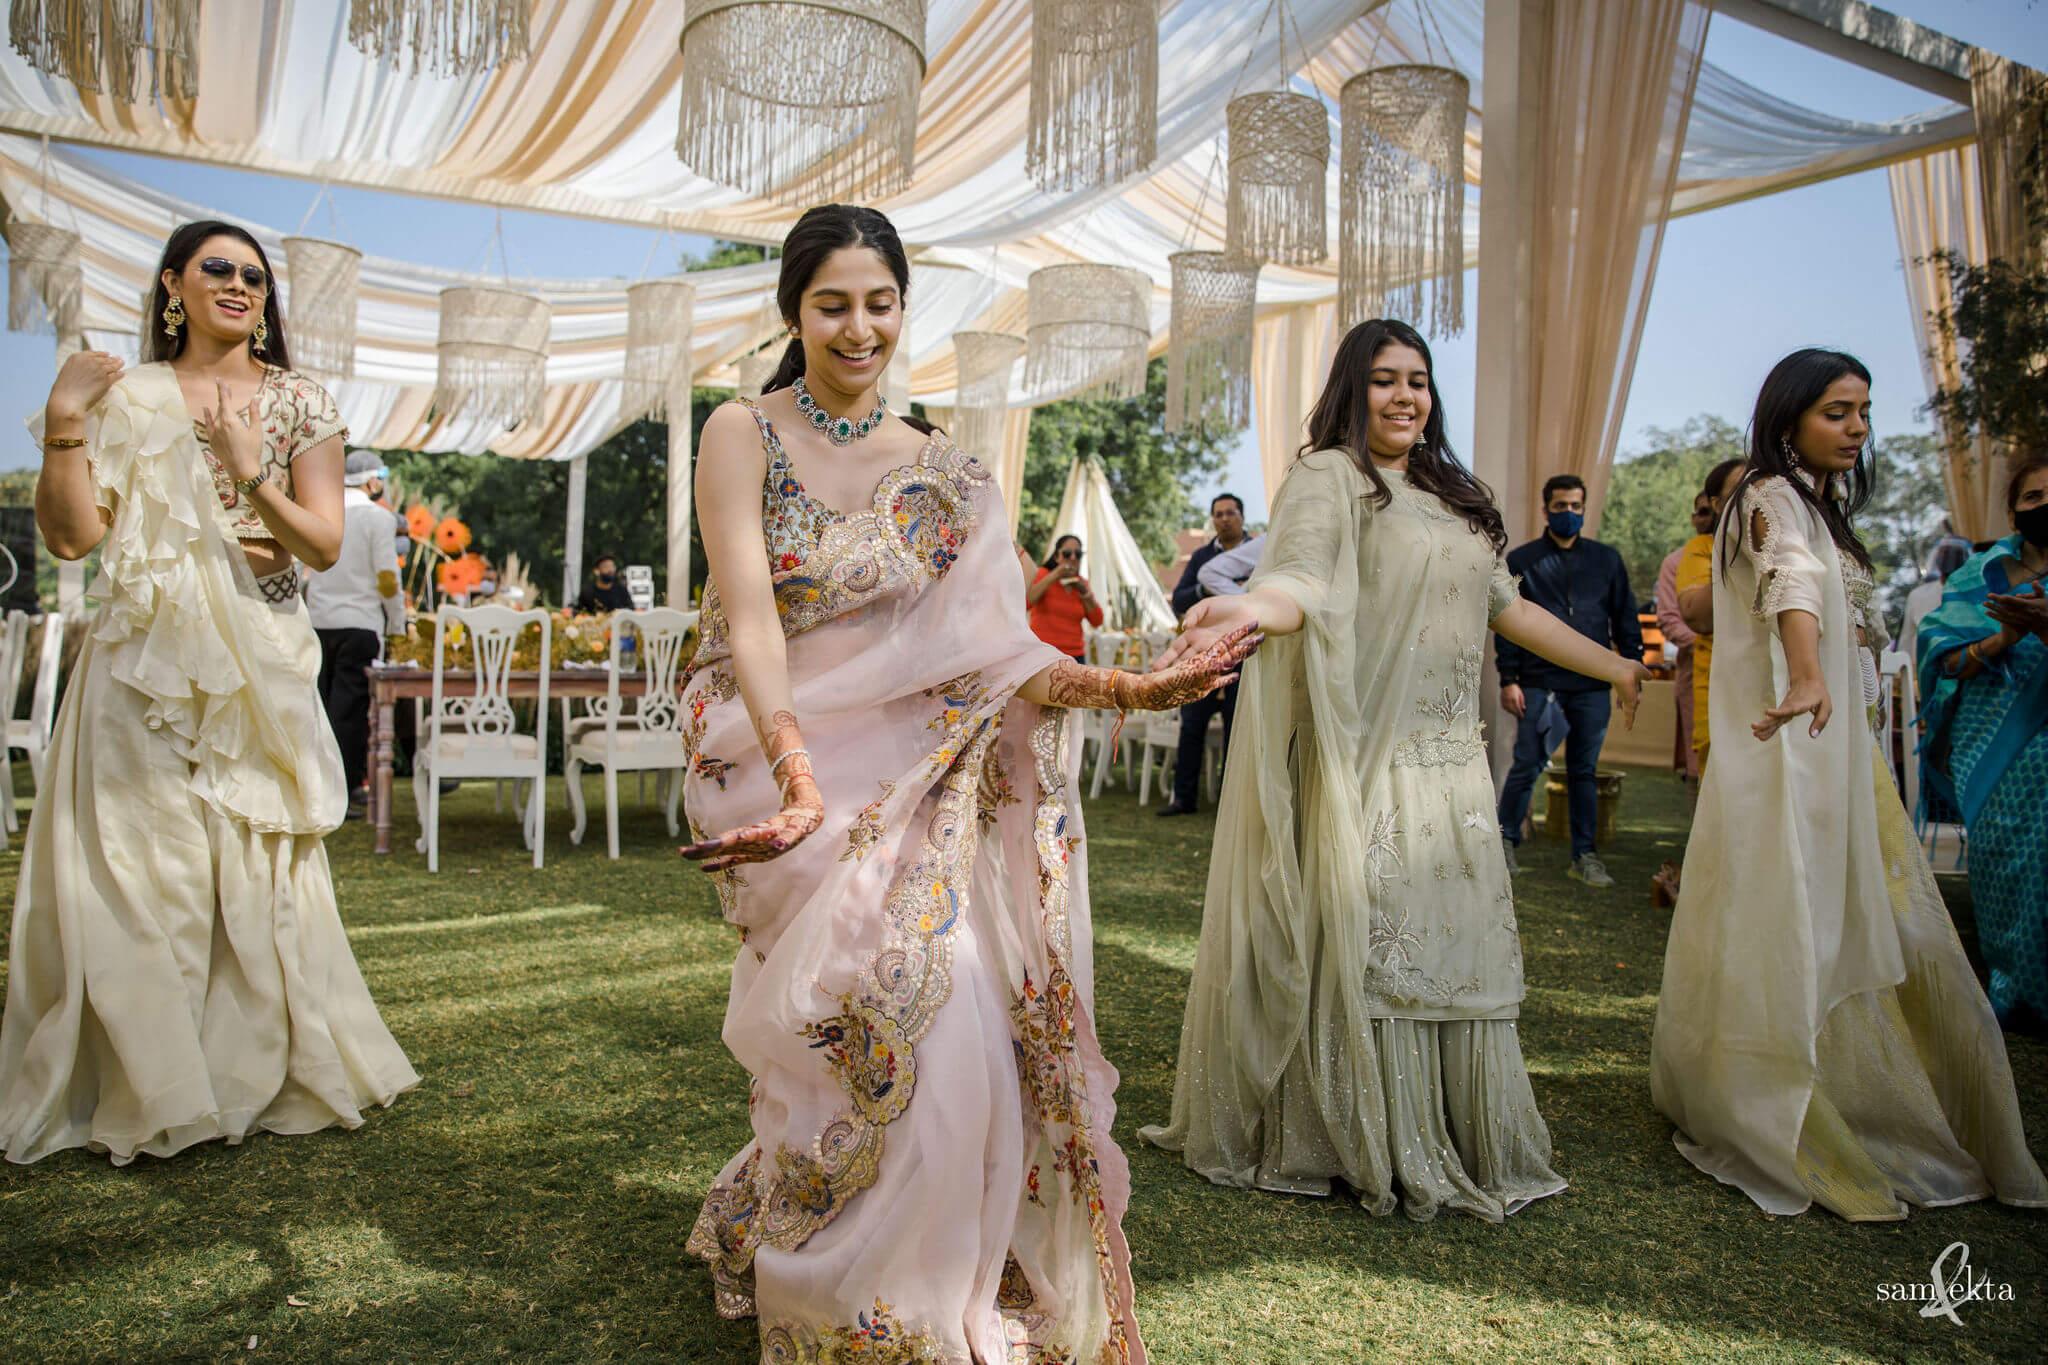 bride & bridesmaids dance